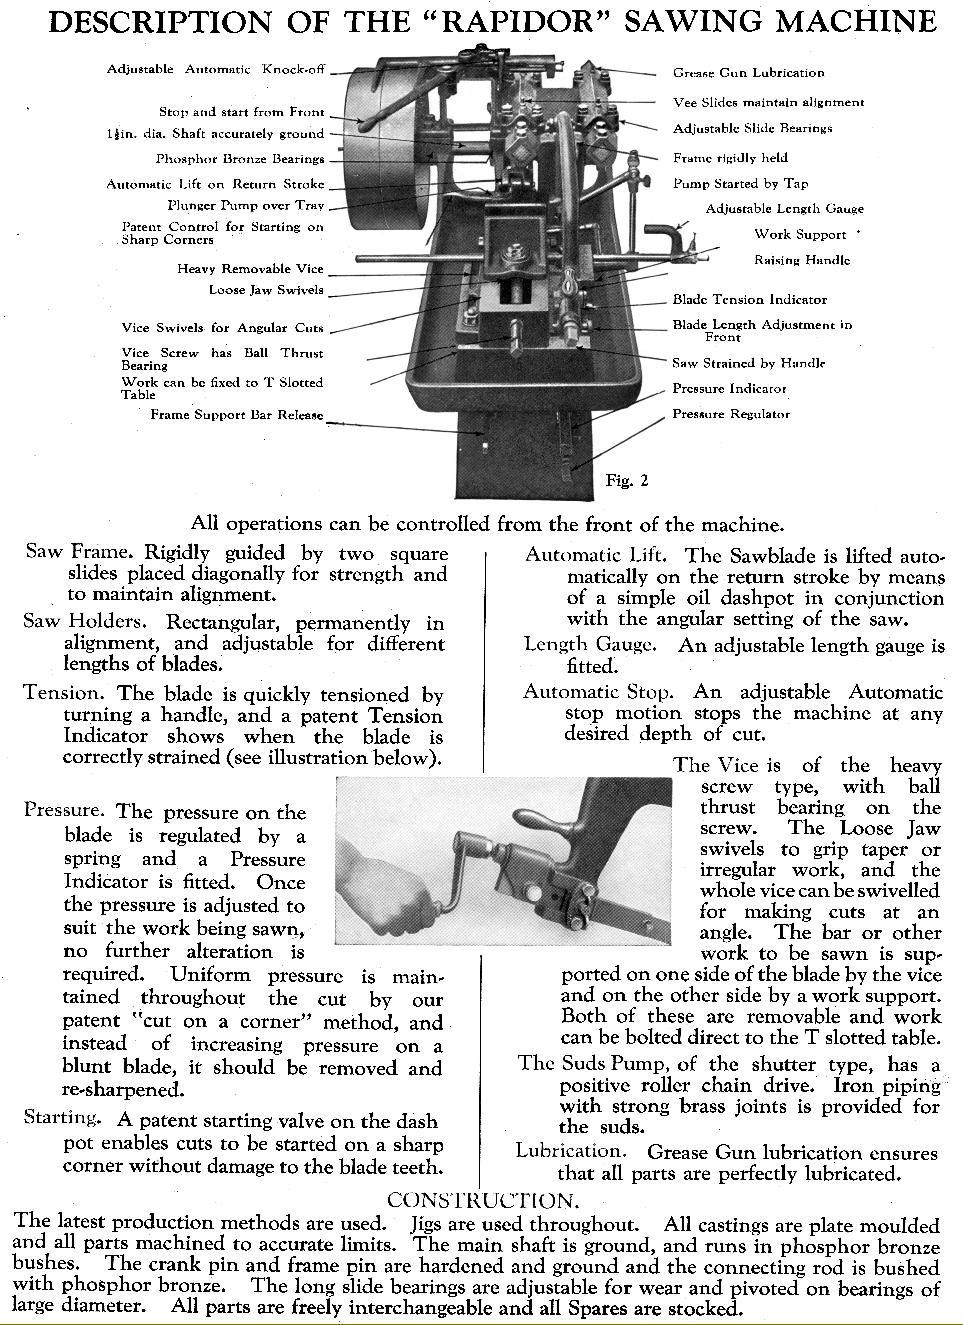 senjens blad 1937